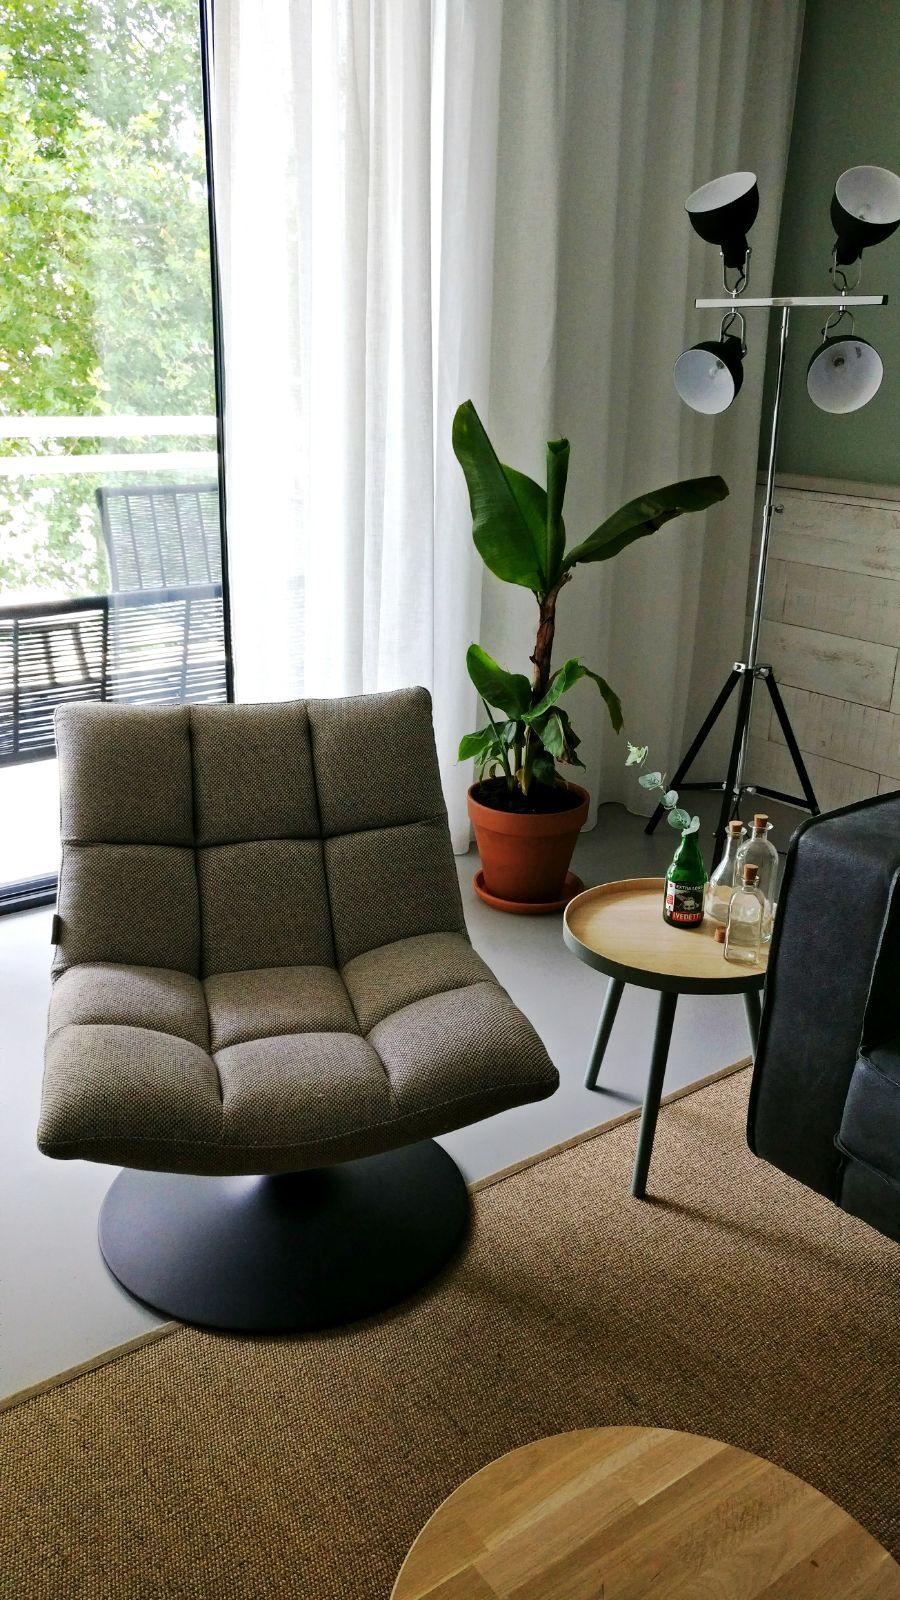 appartement nieuwbouw accessoires industrieel stoer autoband formule 1 bijzettafel doorsnede boomstam leren bank bijzettafel grijze stoel dutchbone.jpg